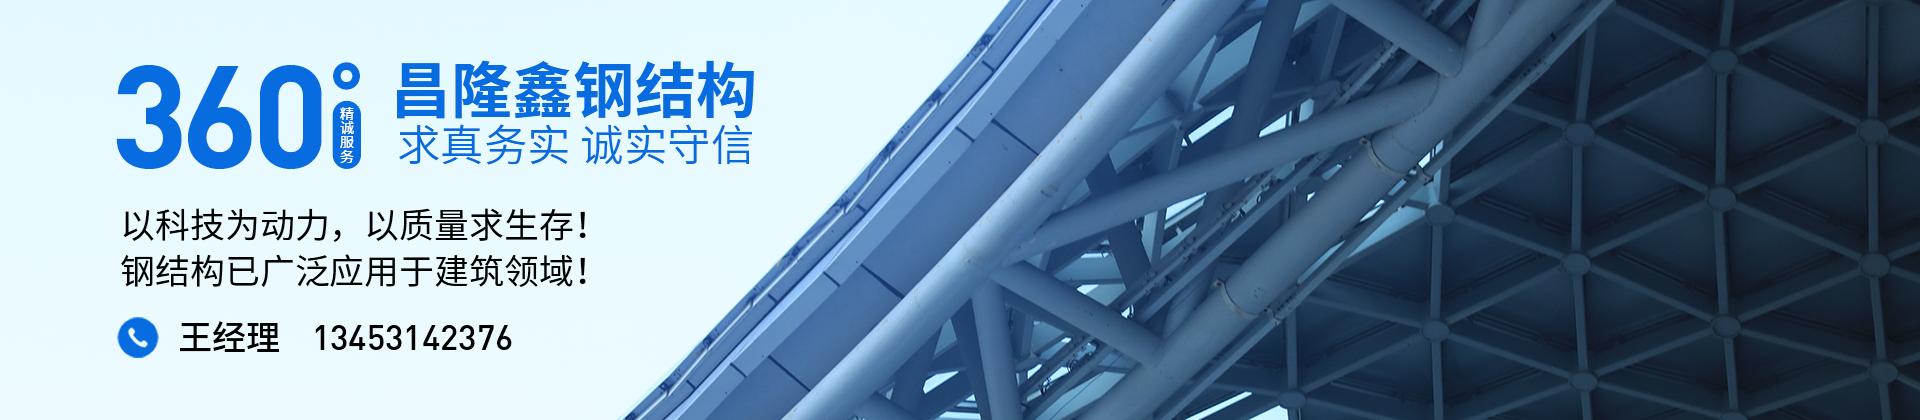 太原钢结构,山西钢结构,太原钢结构厂房